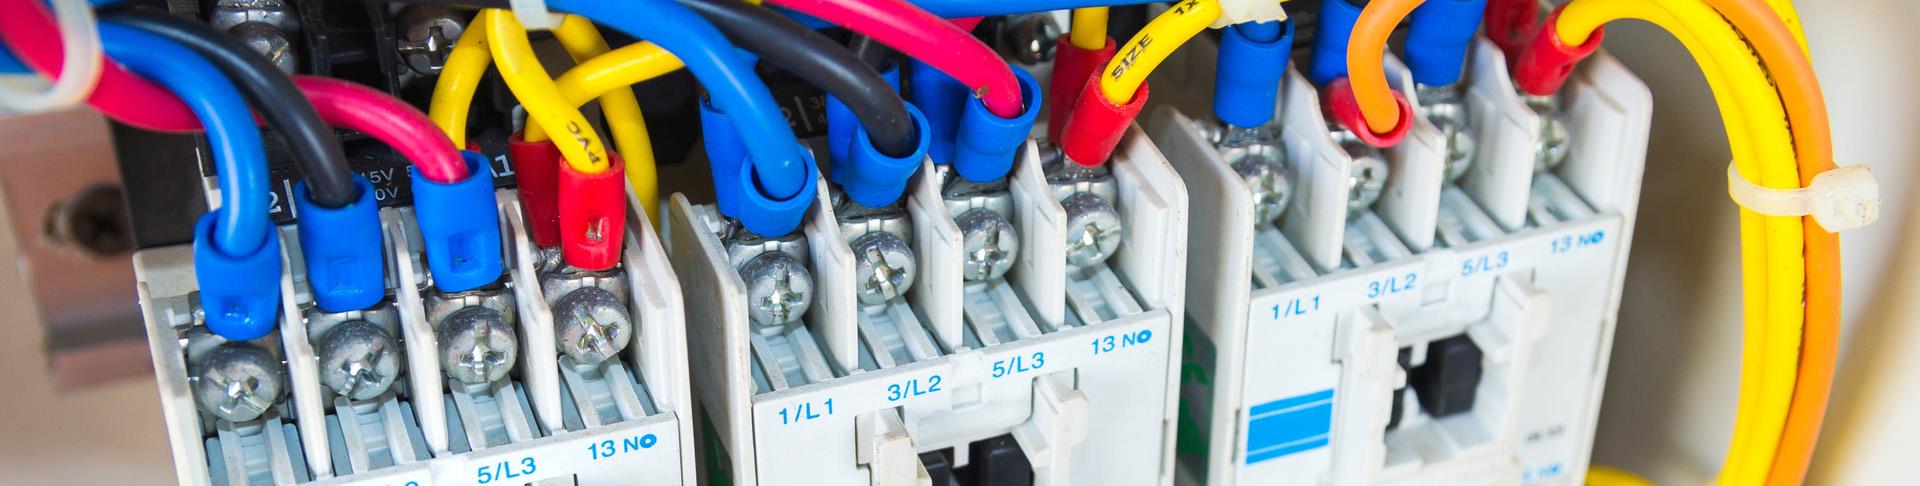 Výroba elektrických rozvaděčů, MaR, elektro služby Sokolov